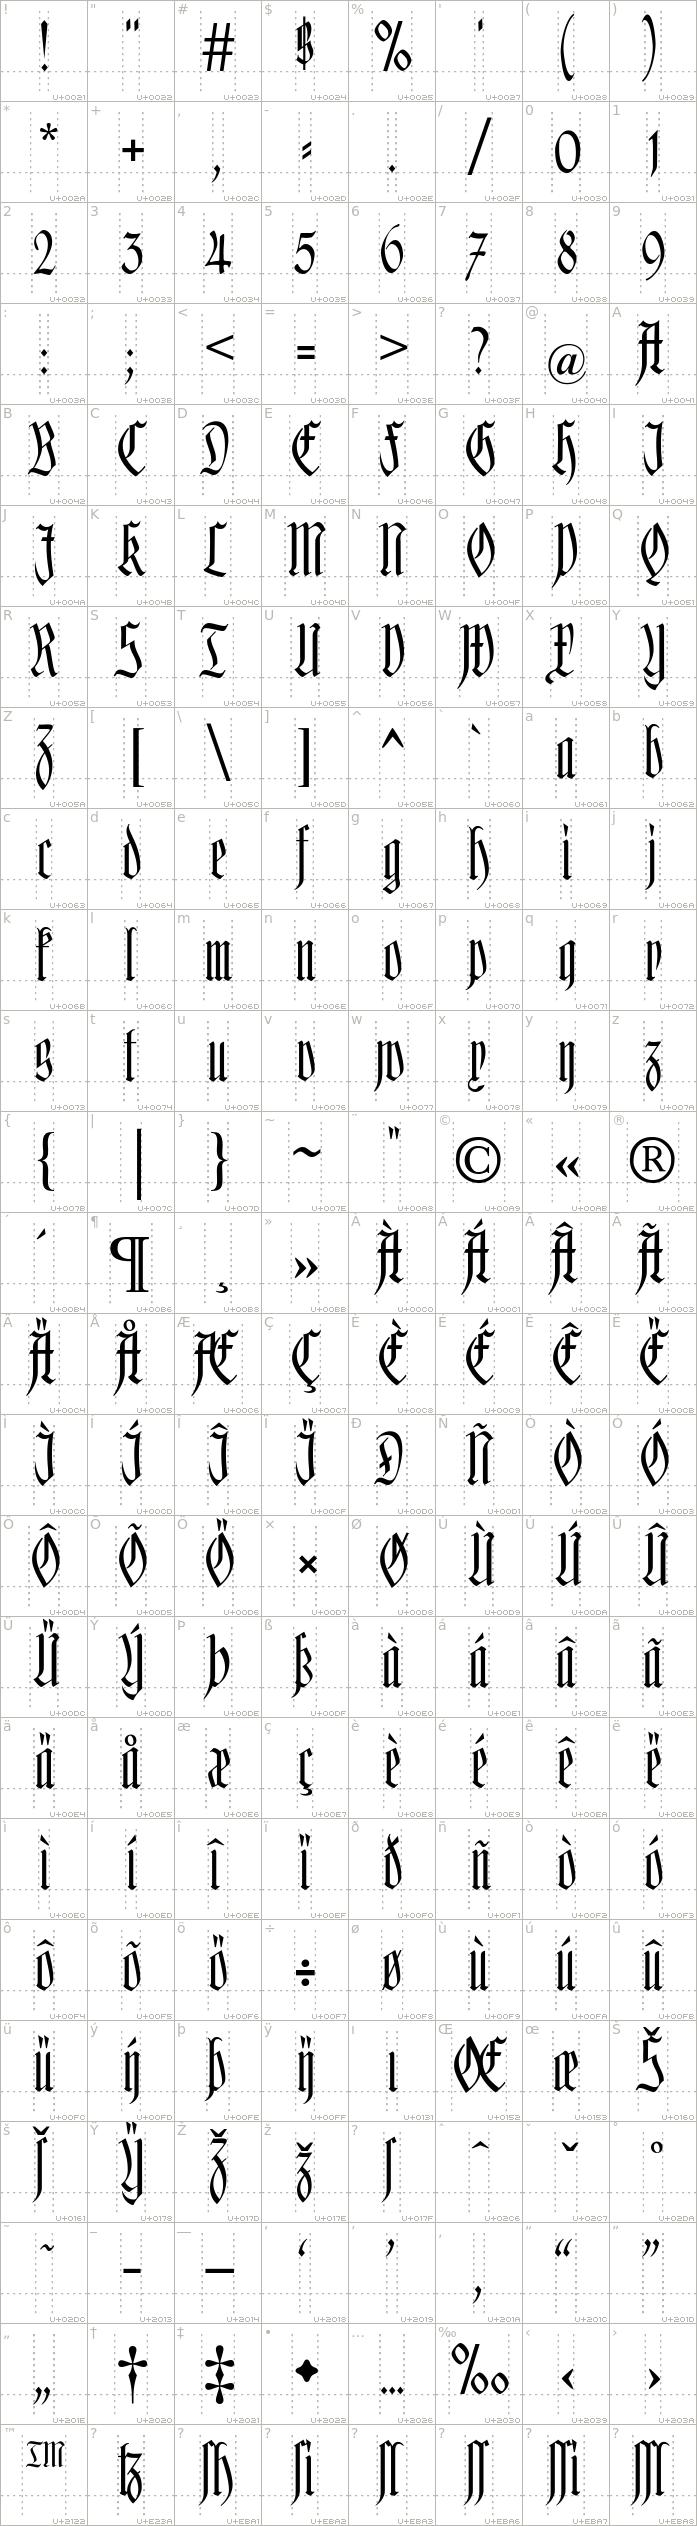 hofstaetten.hofstaetten.character-map-1